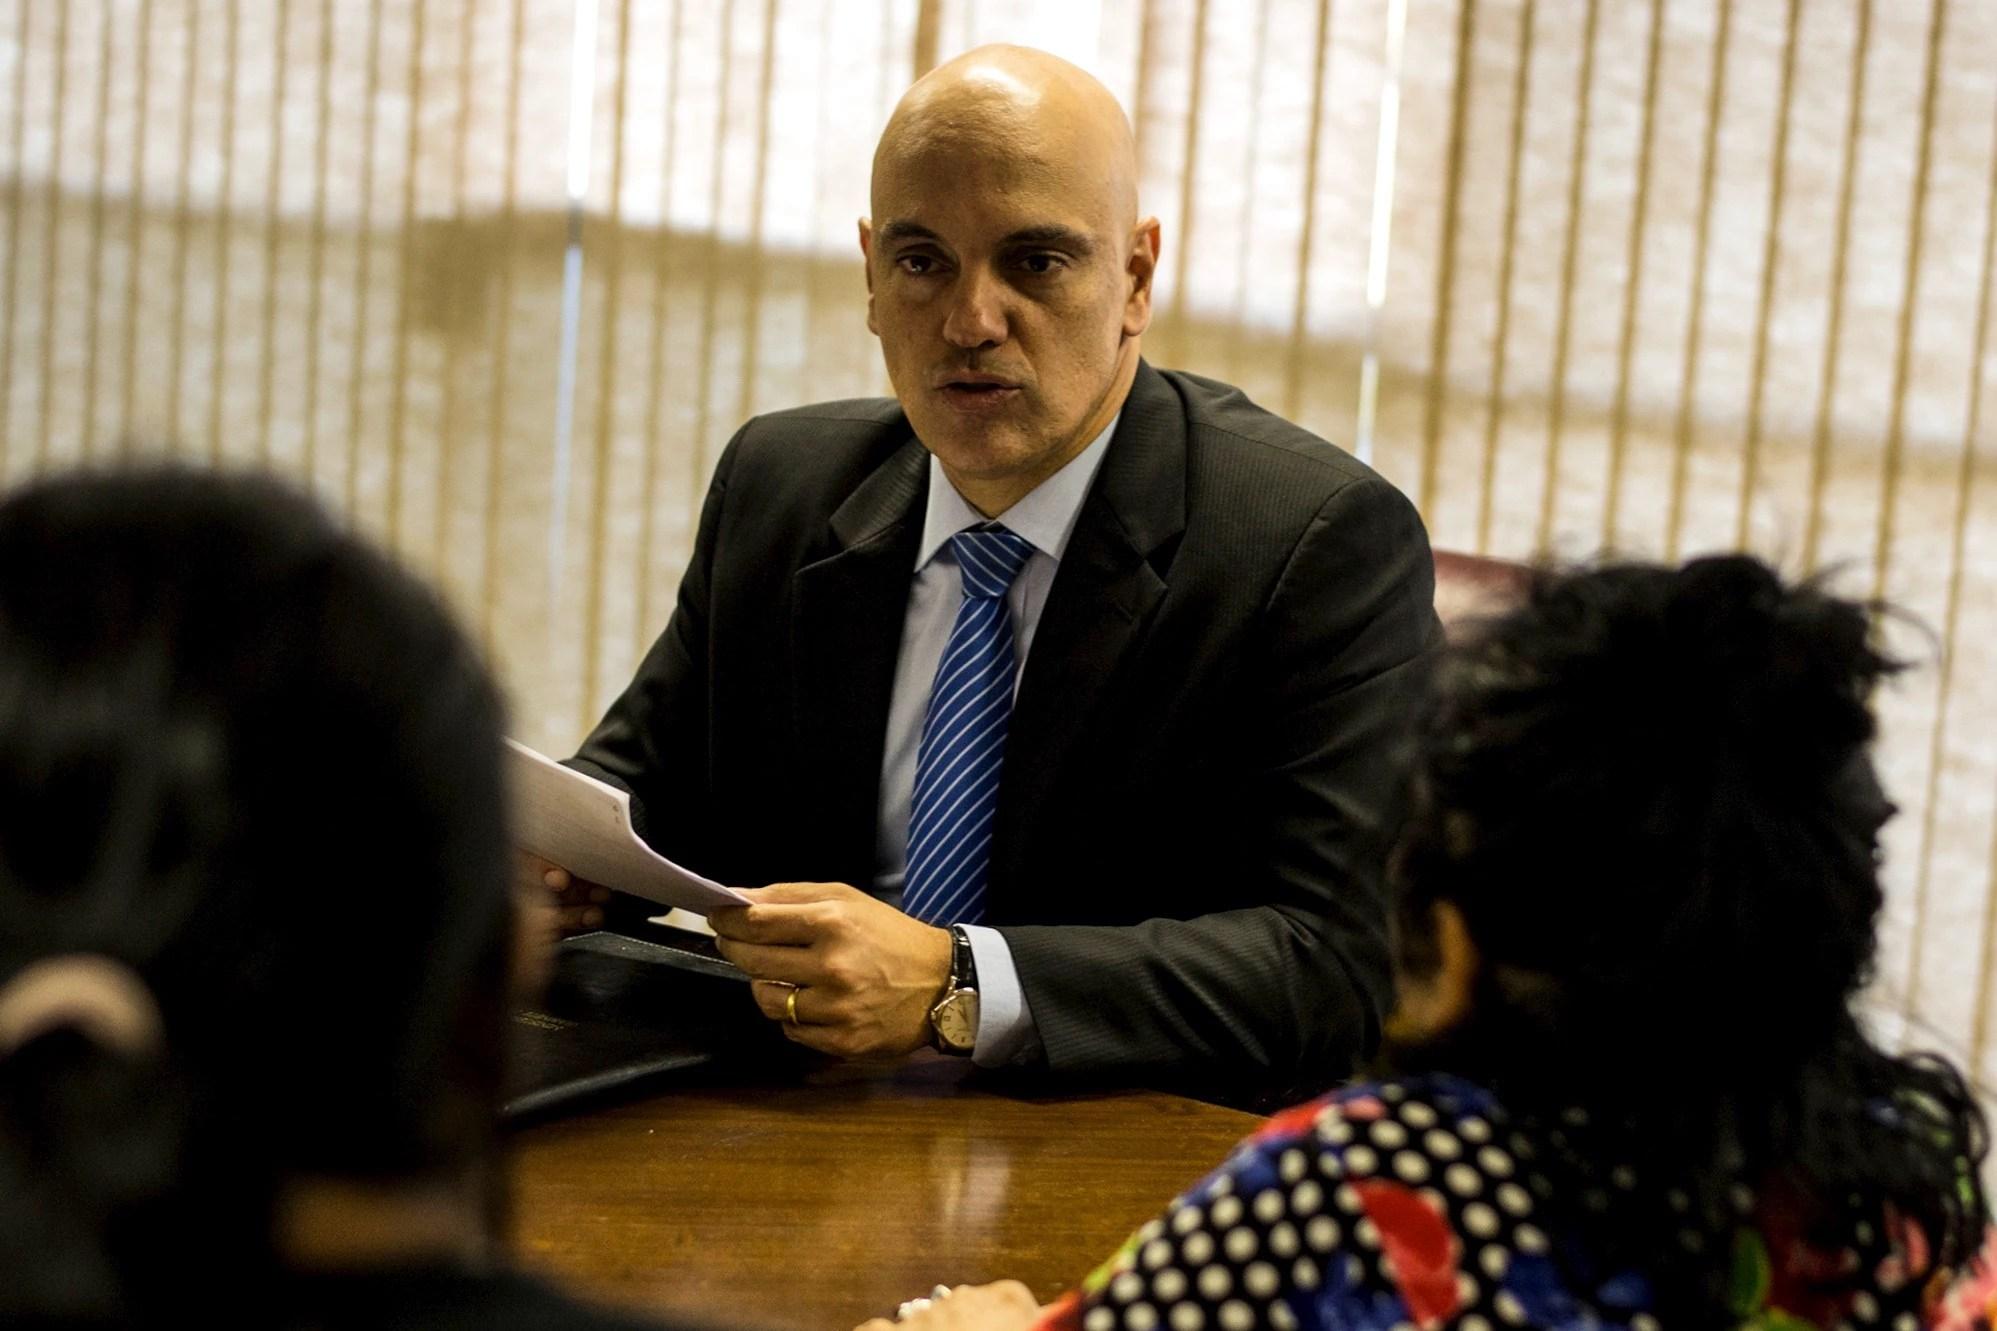 Ministro da Justiça: com lideranças indígenas, Alexandre de Moraes foi evasivo sobre revisão de demarcações (Foto: Tiago Miotto/MNI)